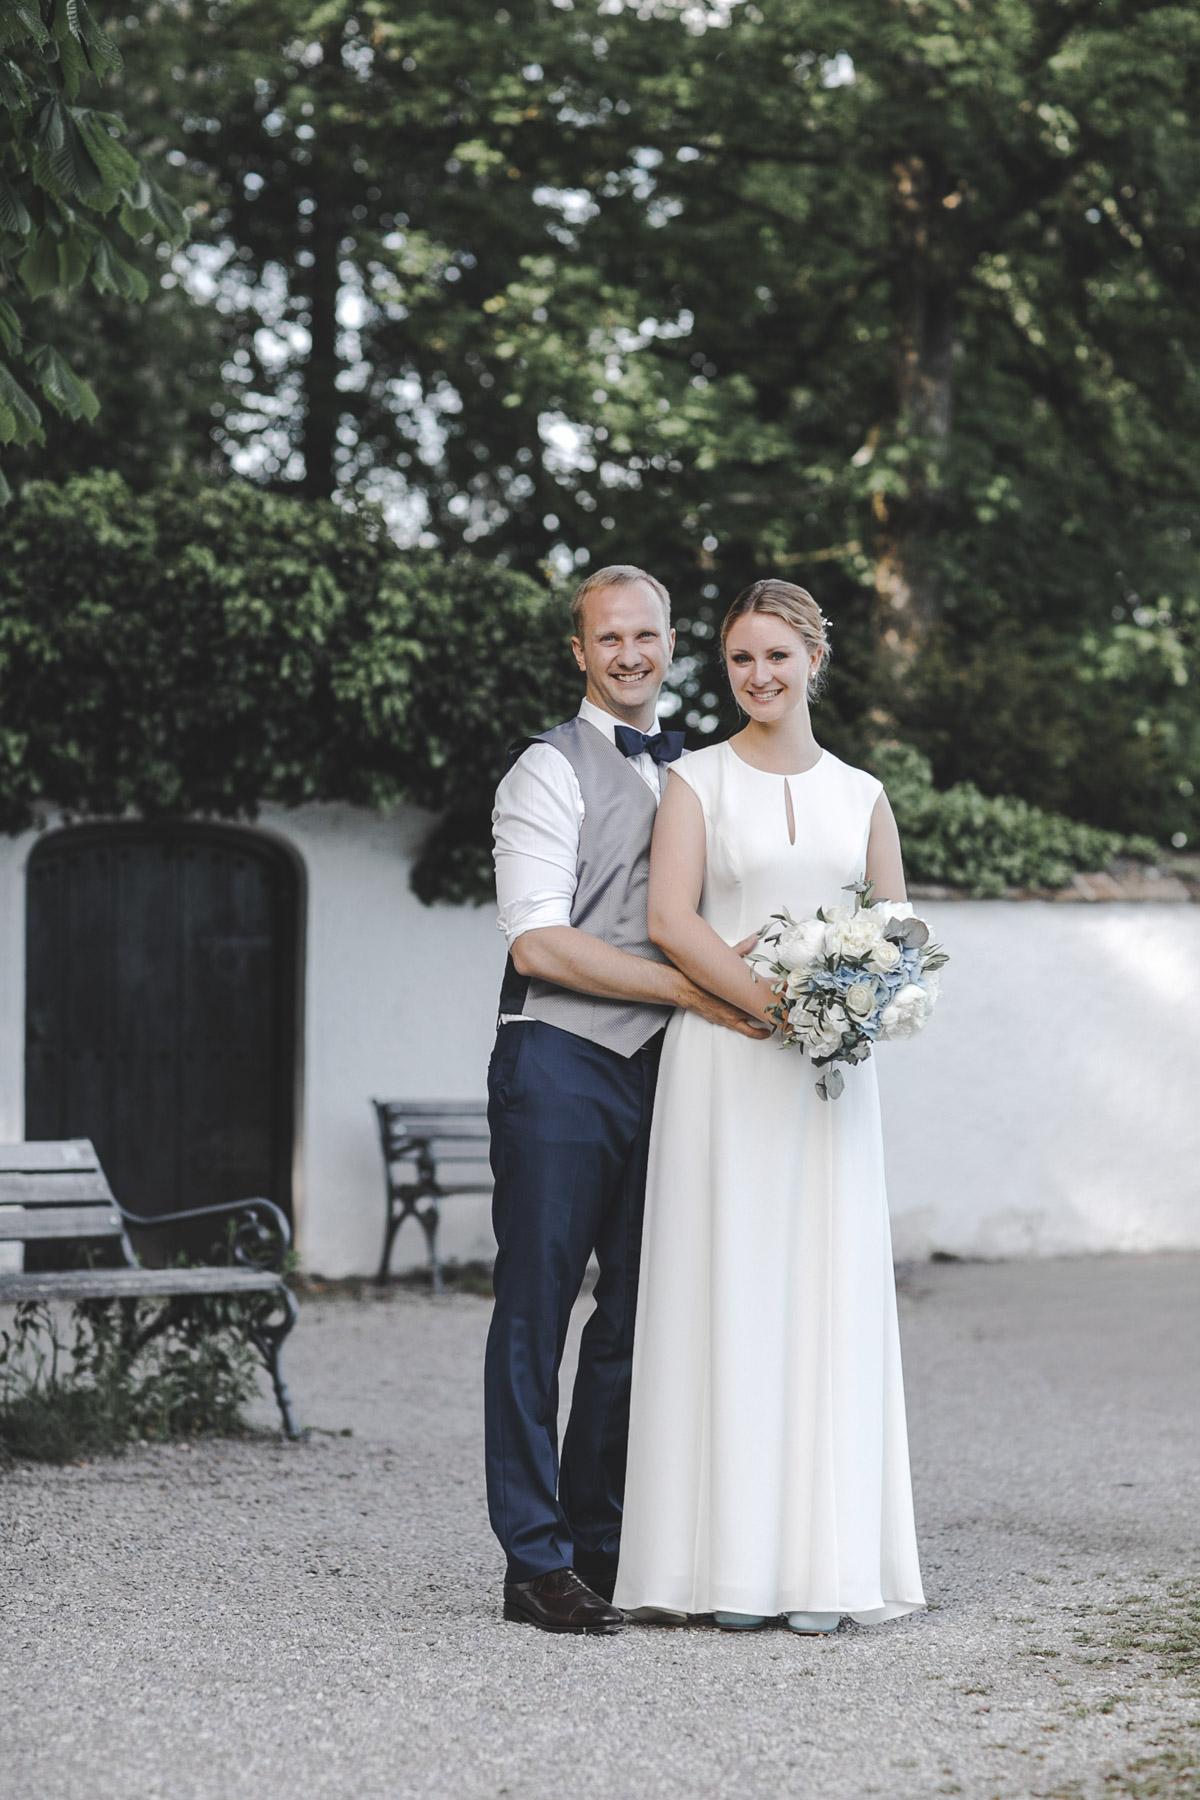 Barbara und Thorsten | Hochzeit am Starnenberger See - Fotografin Guelten Hamidanoglu Fotografie Koeln BT 19 759